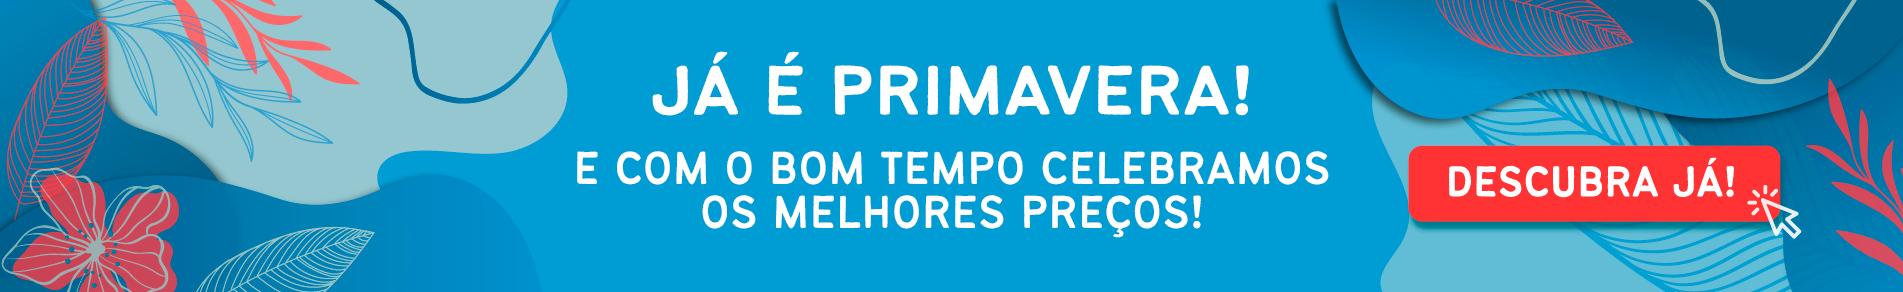 PROMOÇÕES DE PRIMAVERA